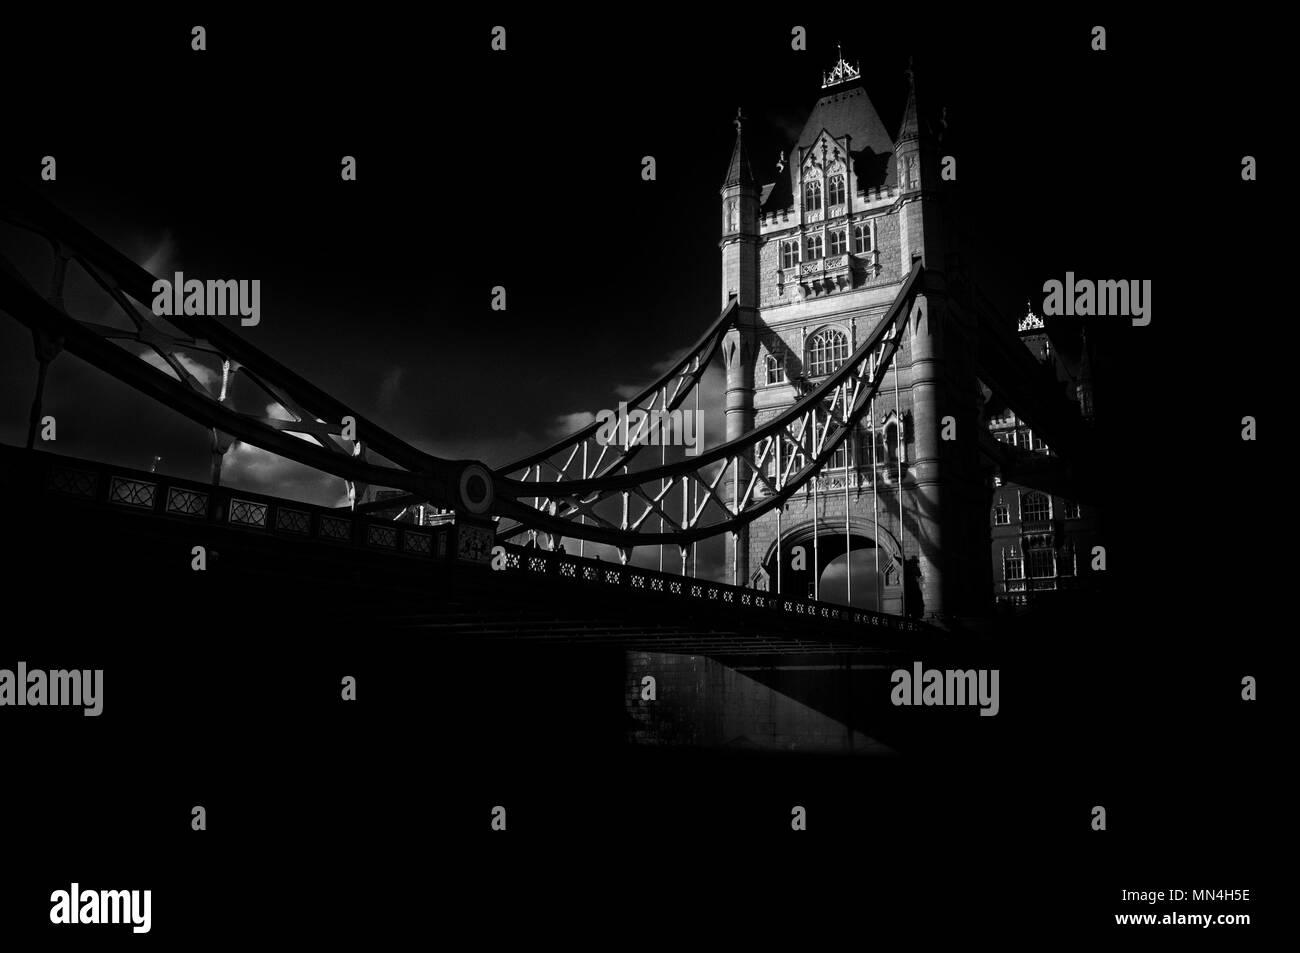 Tower Bridge, London. Fine Art Schwarzweiß-Foto von einem der berühmtesten und sofort erkennbar Wahrzeichen in der Welt. Stockbild